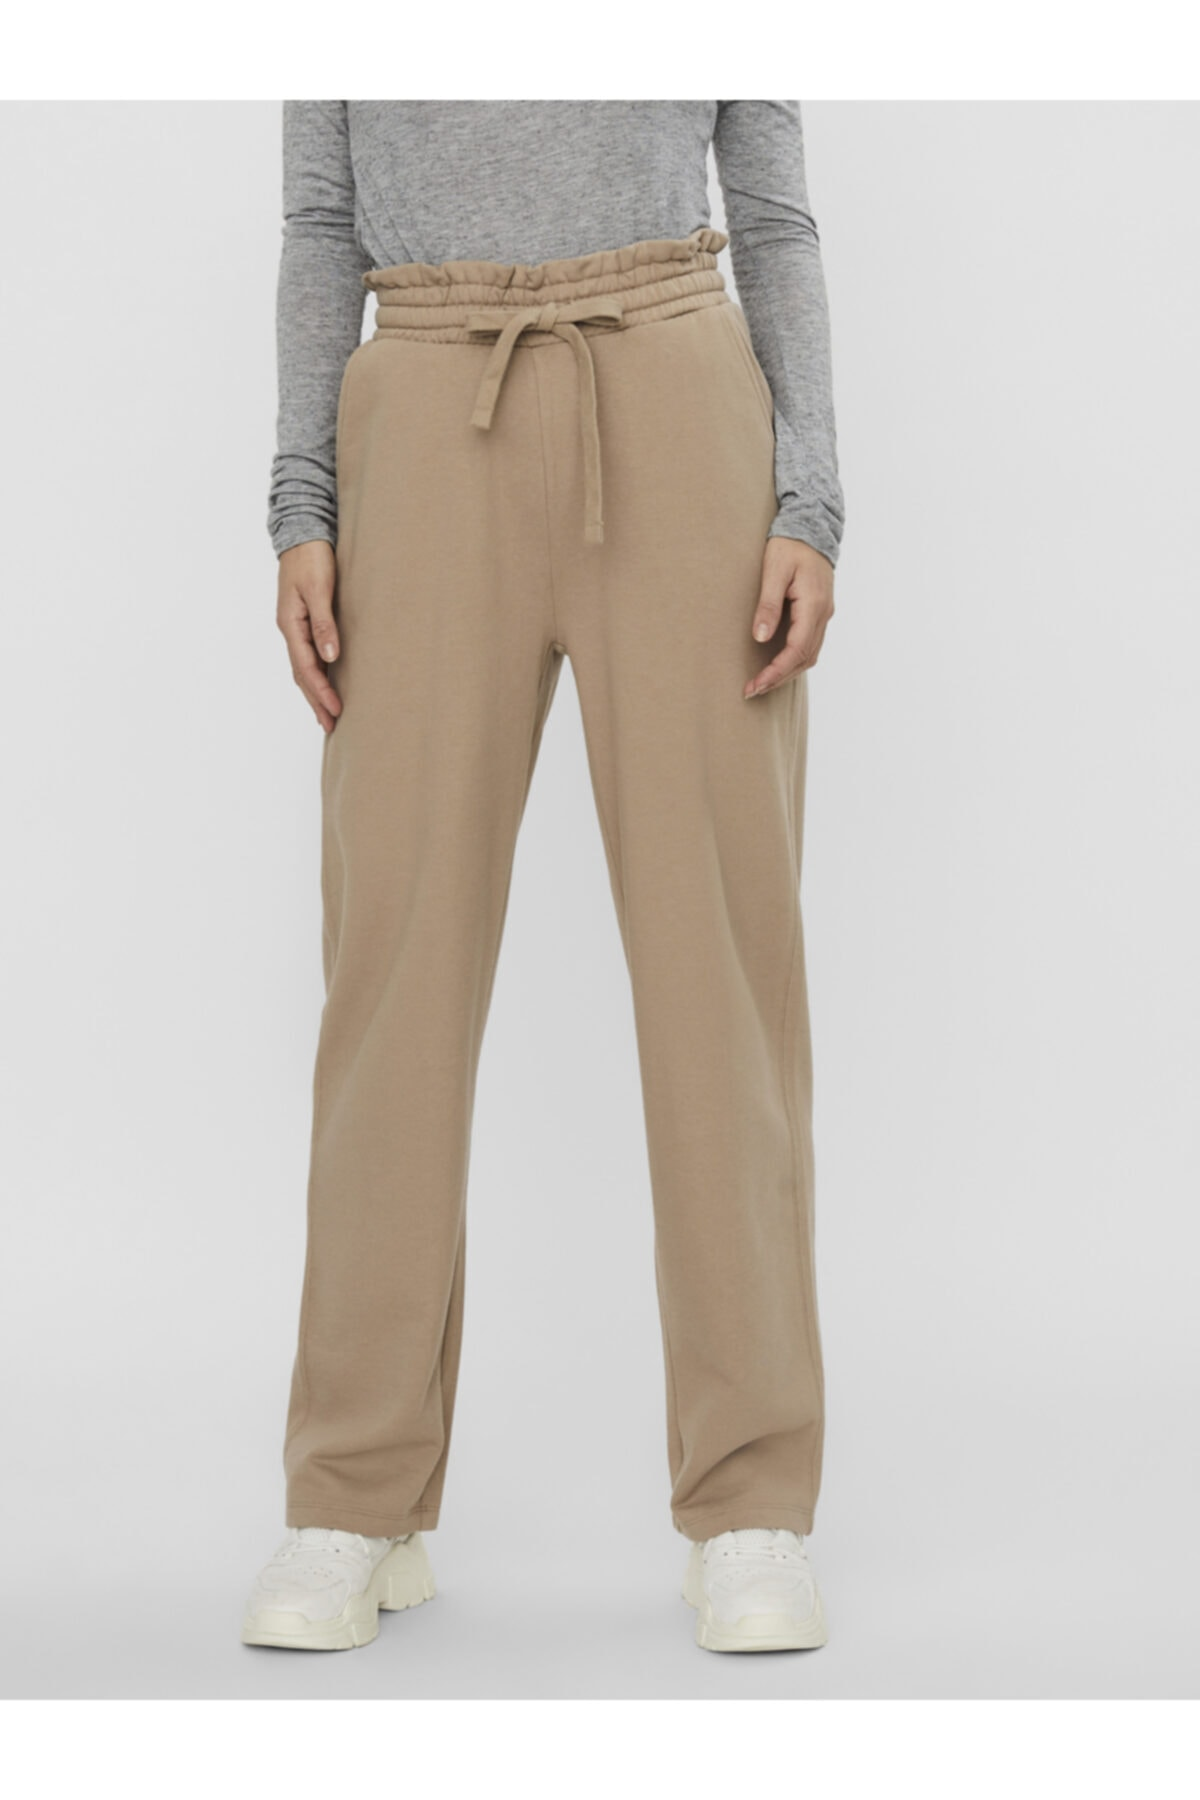 Vero Moda Kadın Ekru Yüksek Bel Sweat Pantolon 2